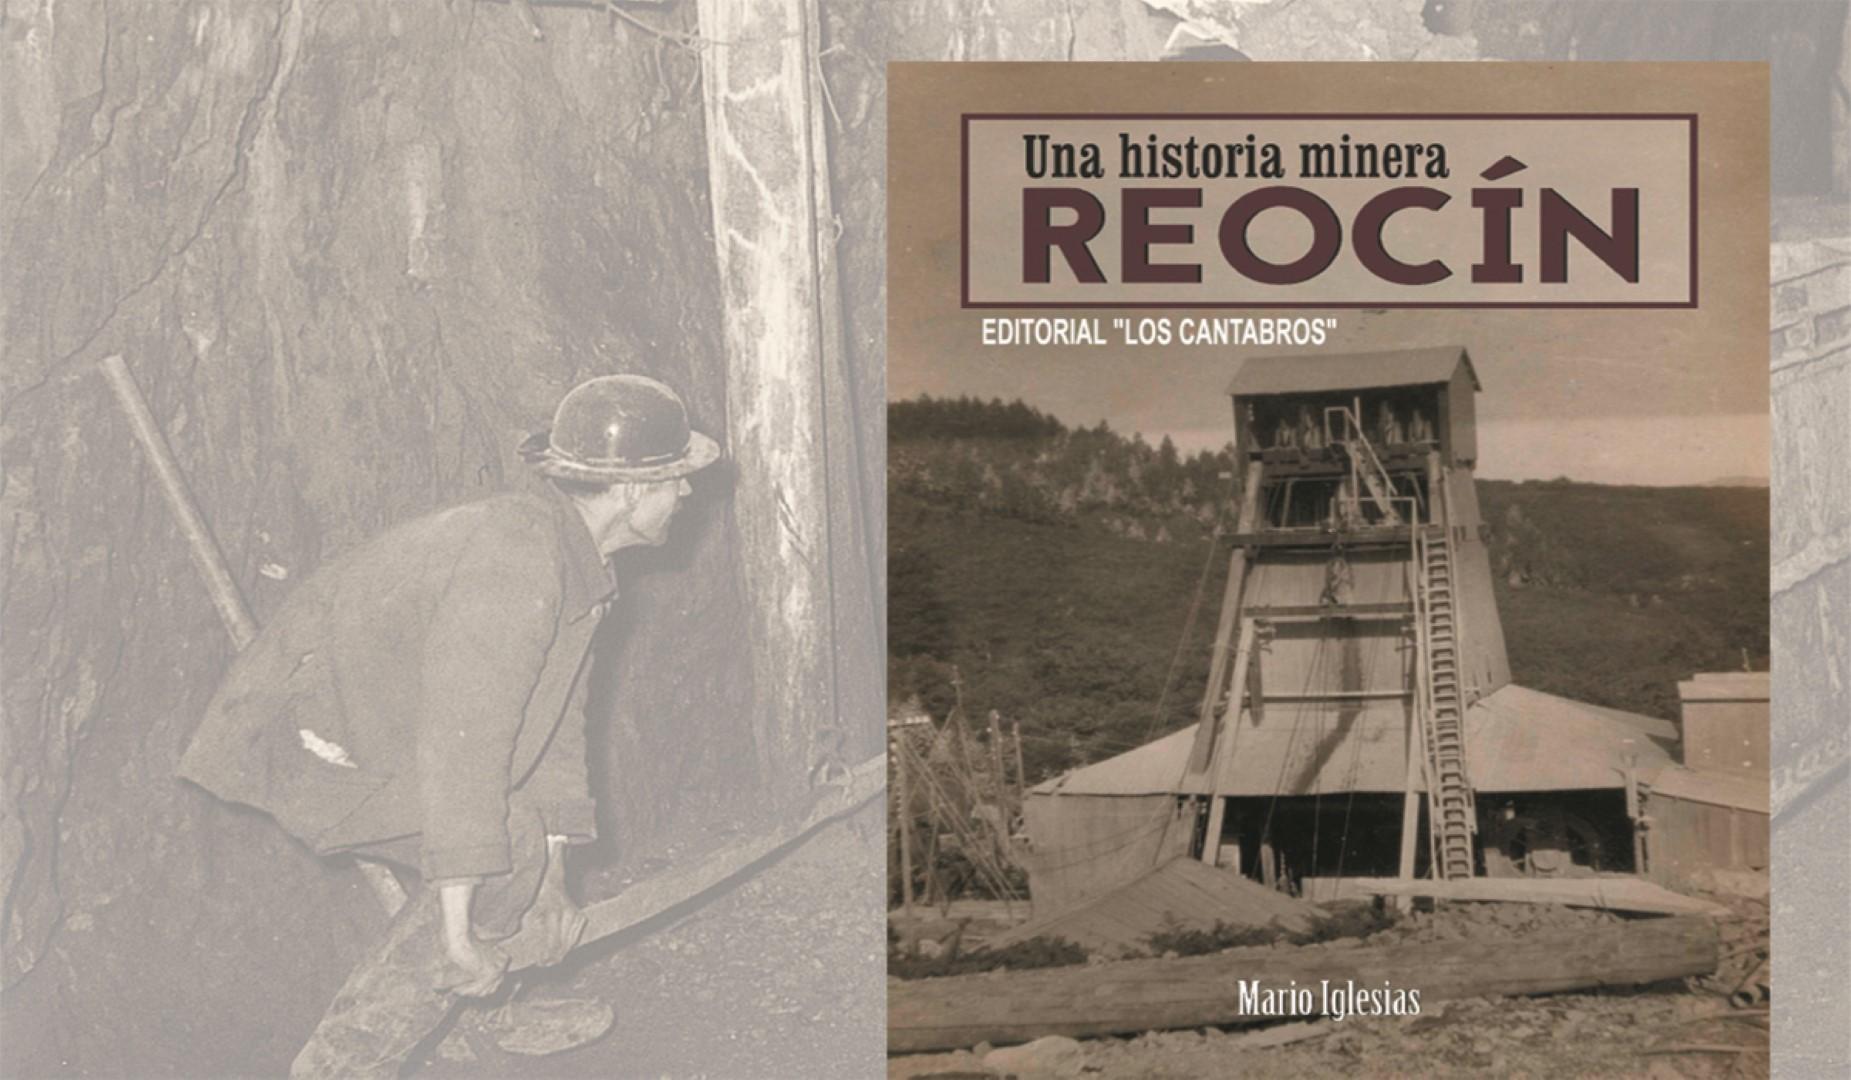 cartel presentacion libro una historia minera reocin